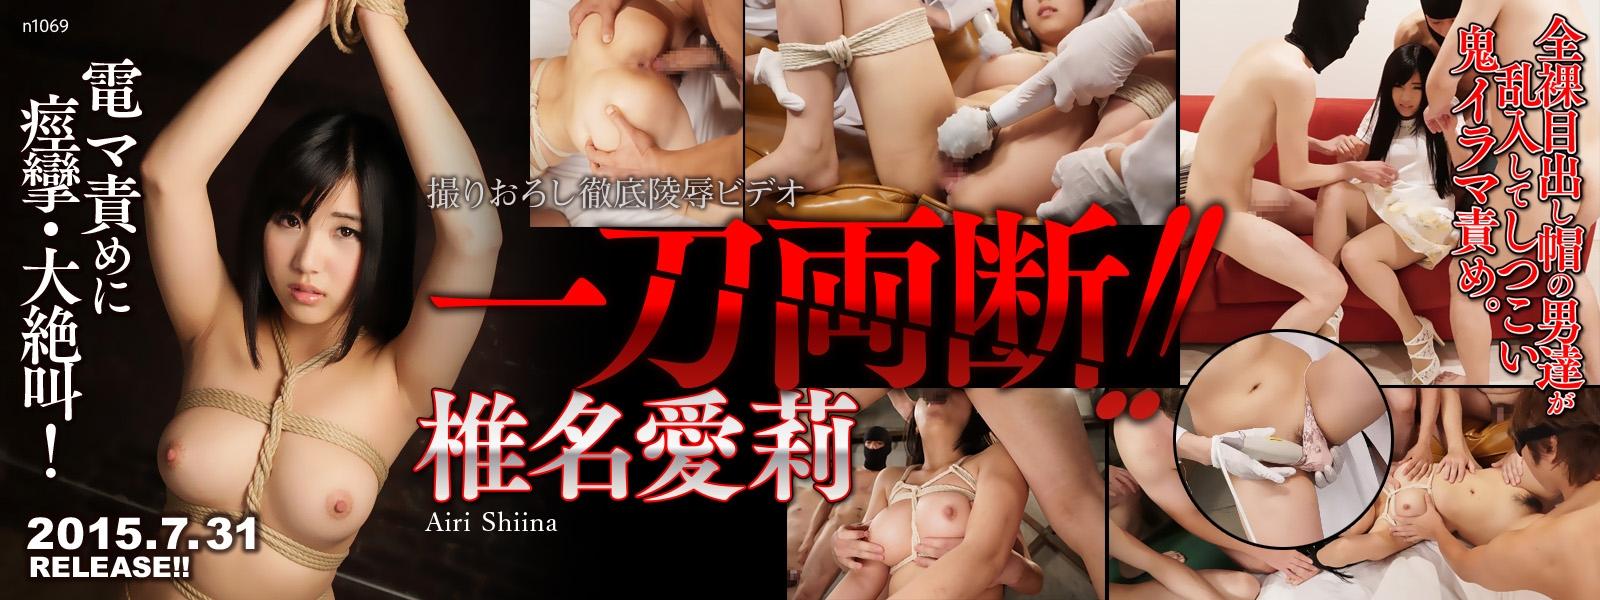 Tokyo Hot n1069